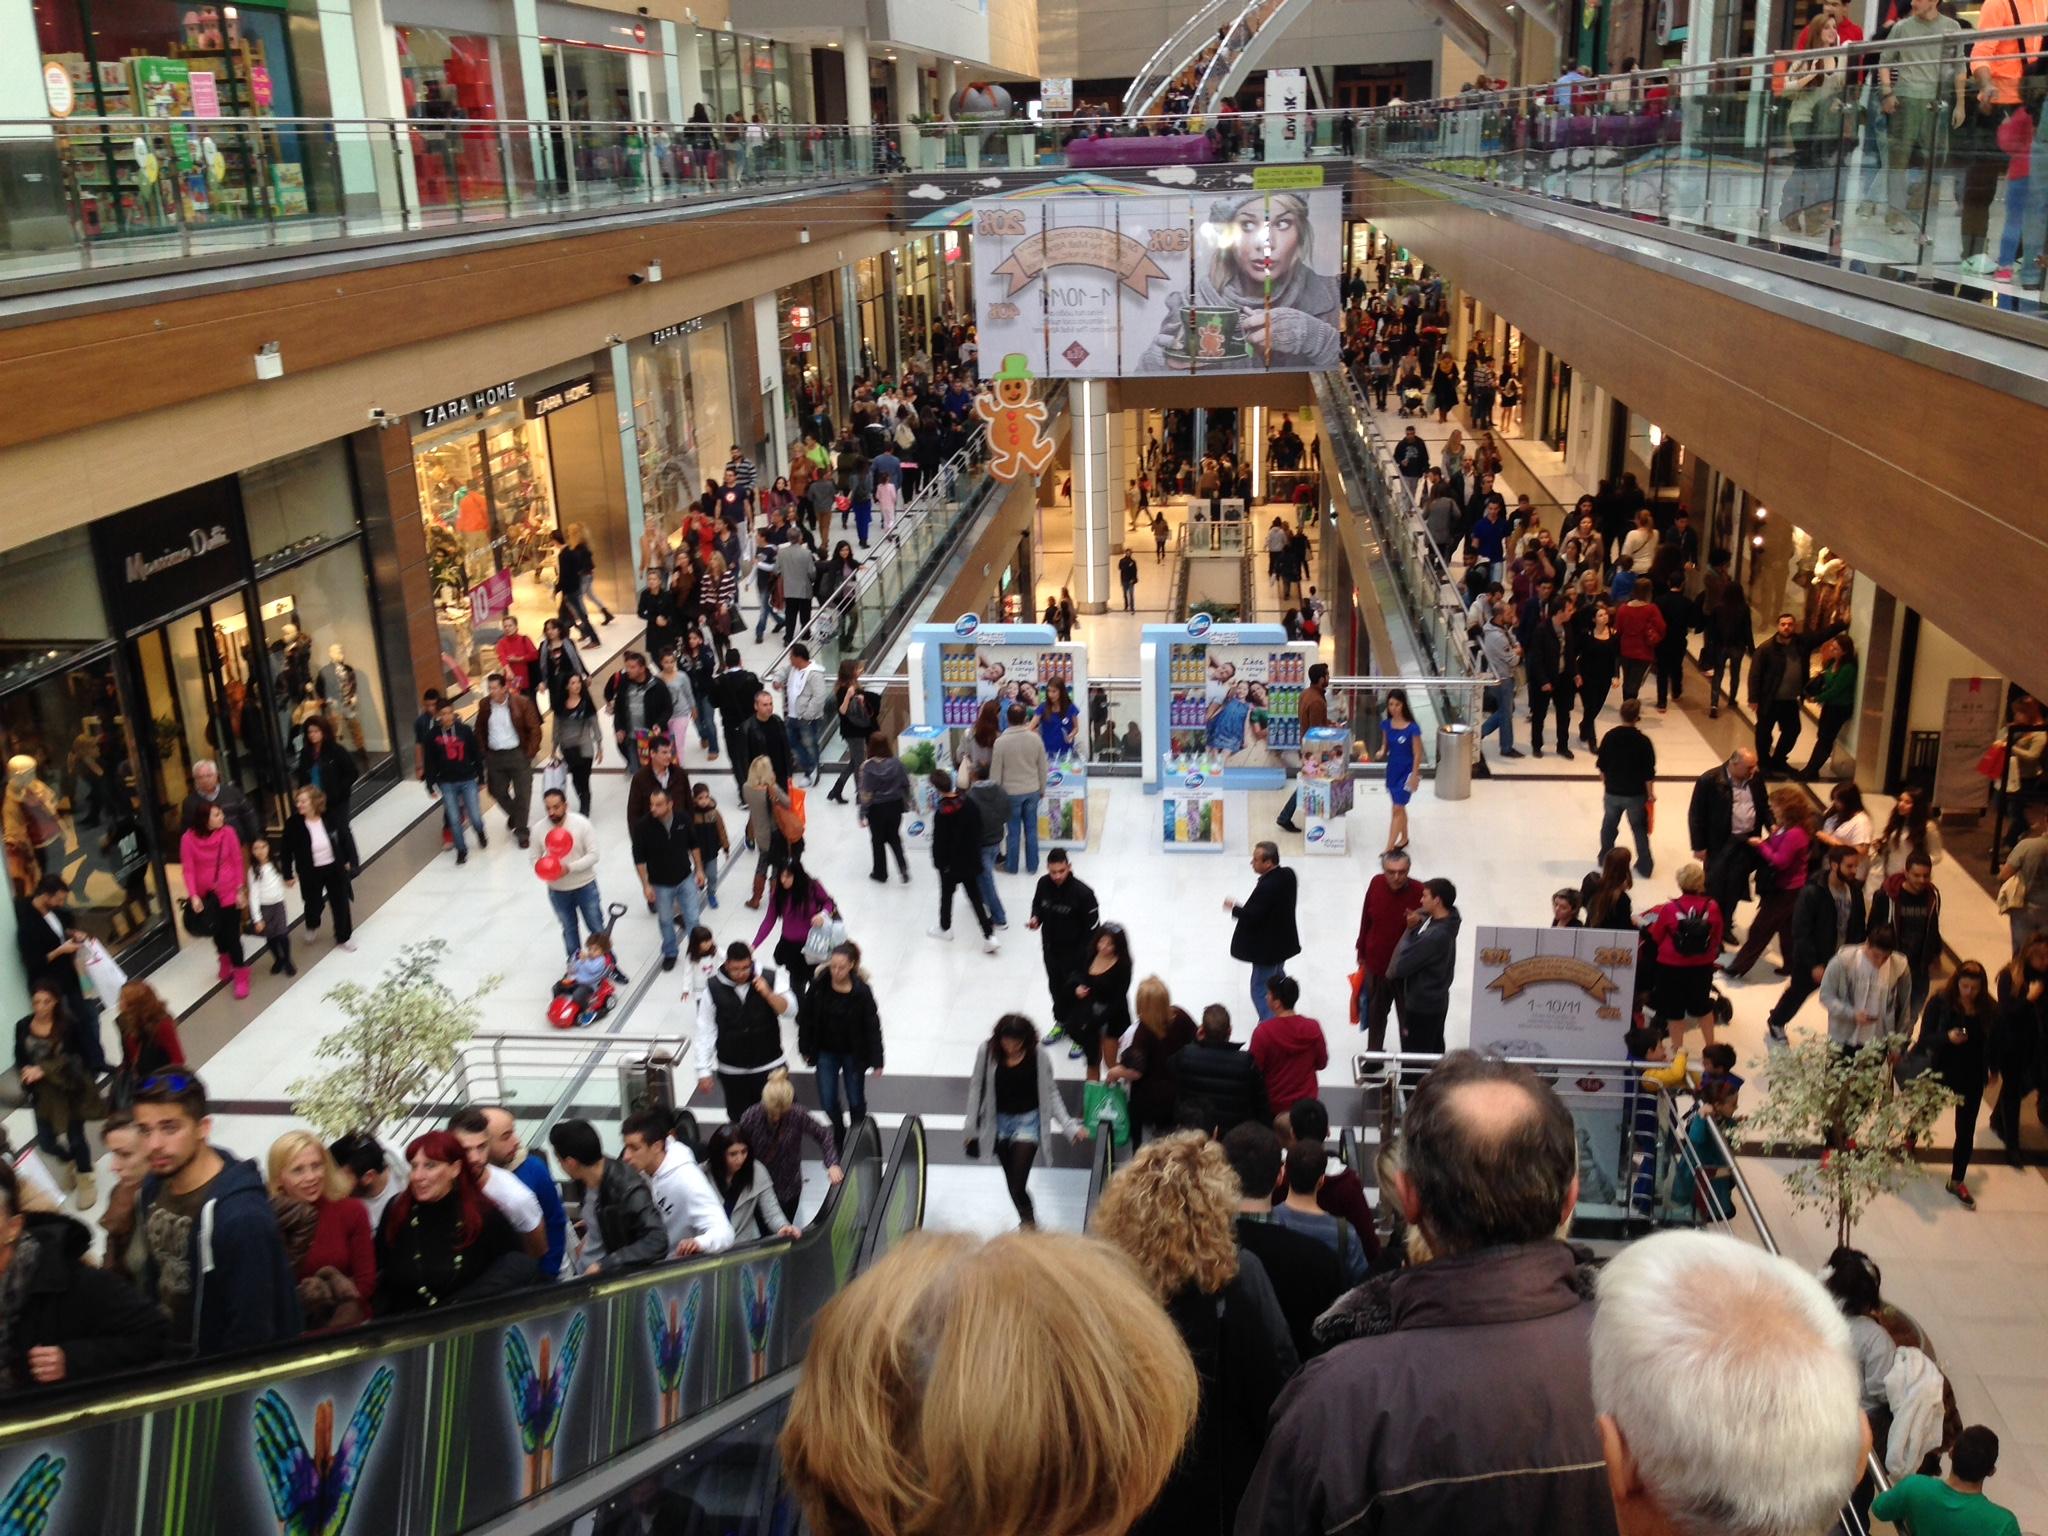 «Λαϊκό προσκύνημα» στα μεγάλα εμπορικά κέντρα την Κυριακή